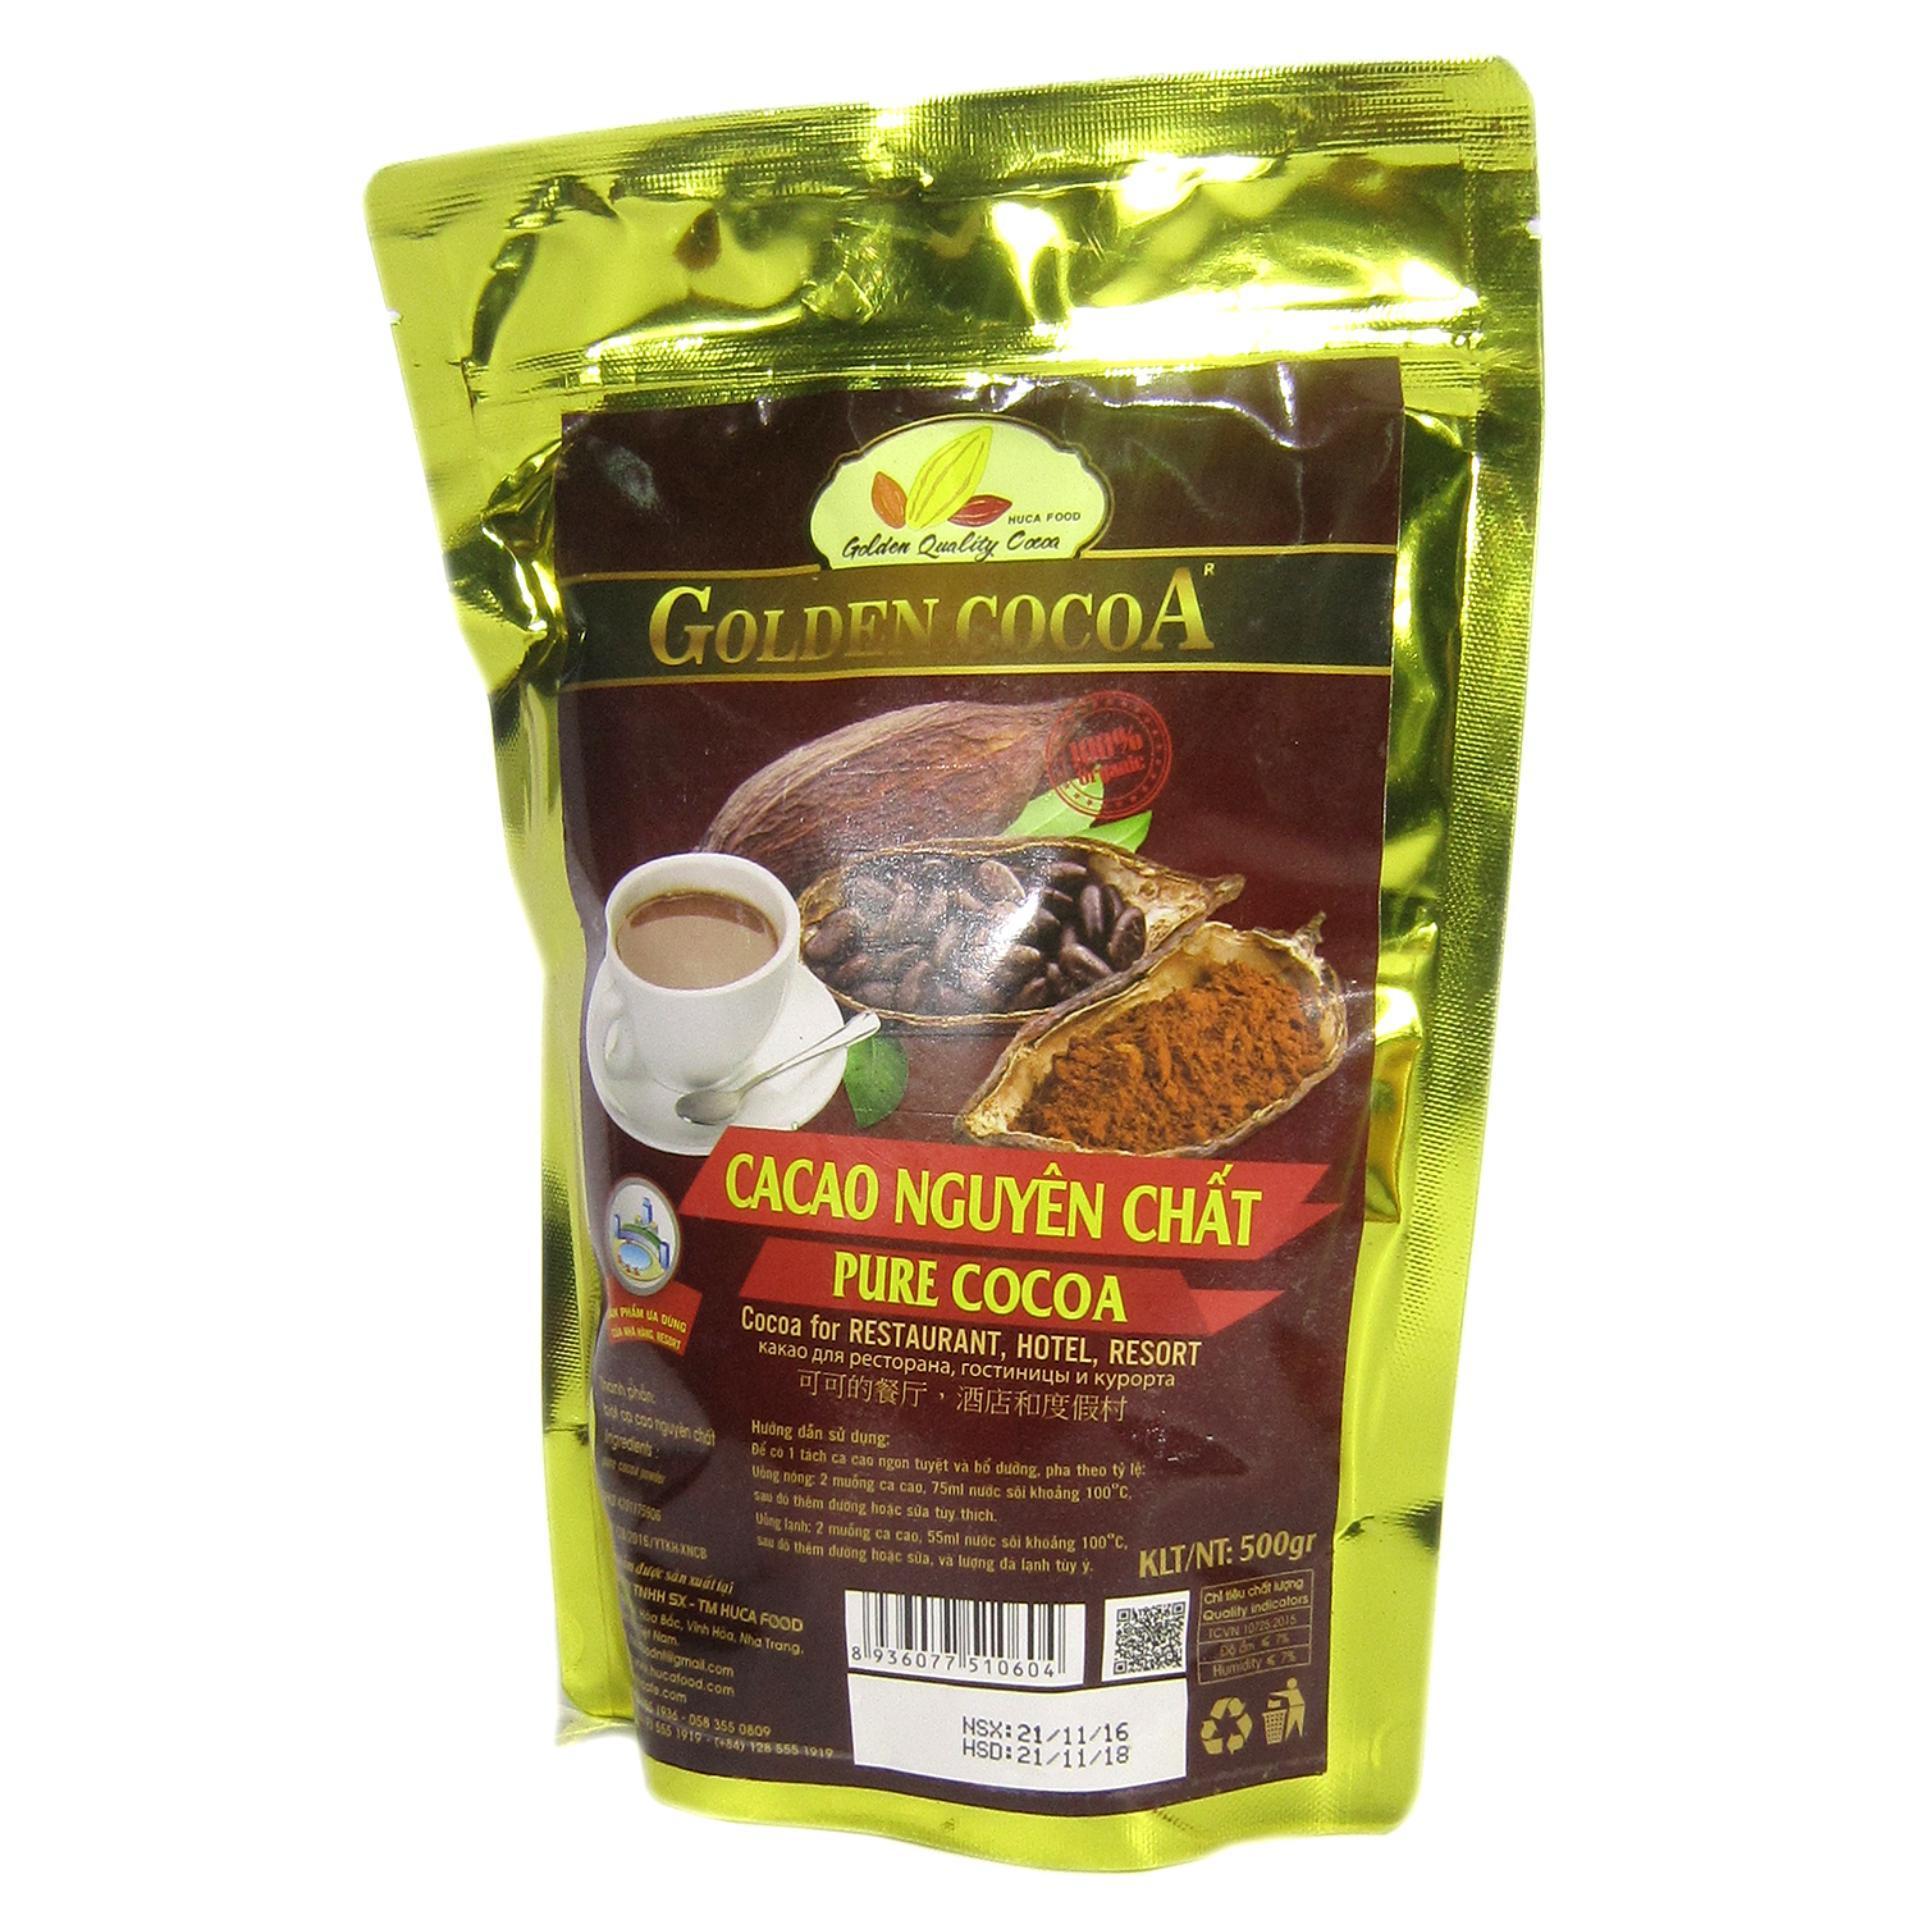 Cacao nguyên chất Golden Cocoa túi zipper 500g dành cho nhà hàng